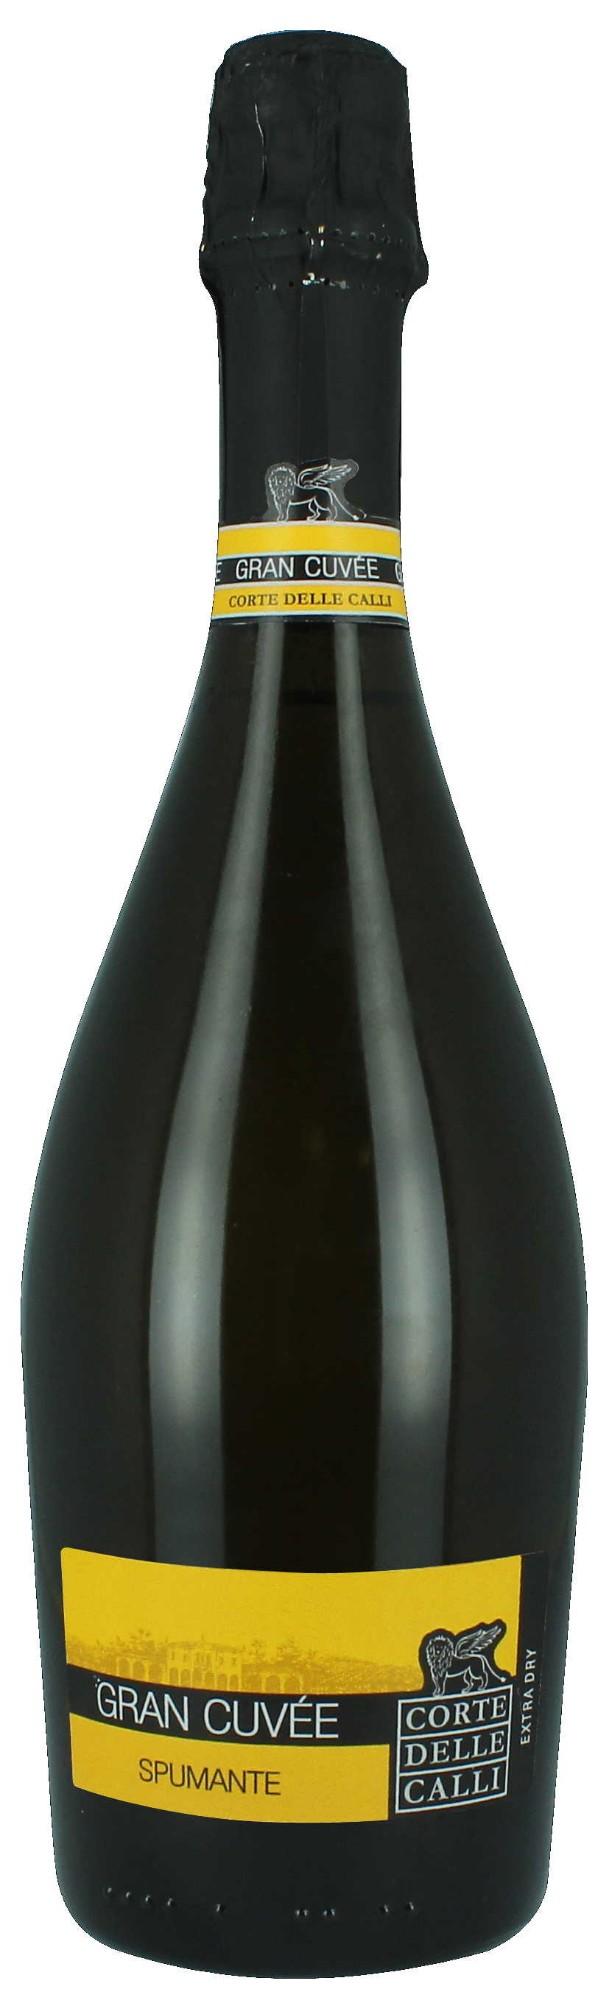 Baltasis putojantis pusiau sausas vynas Corte Delle Calli Bianco Gran Cuvée pagamintas Veneto regione, Italijoje